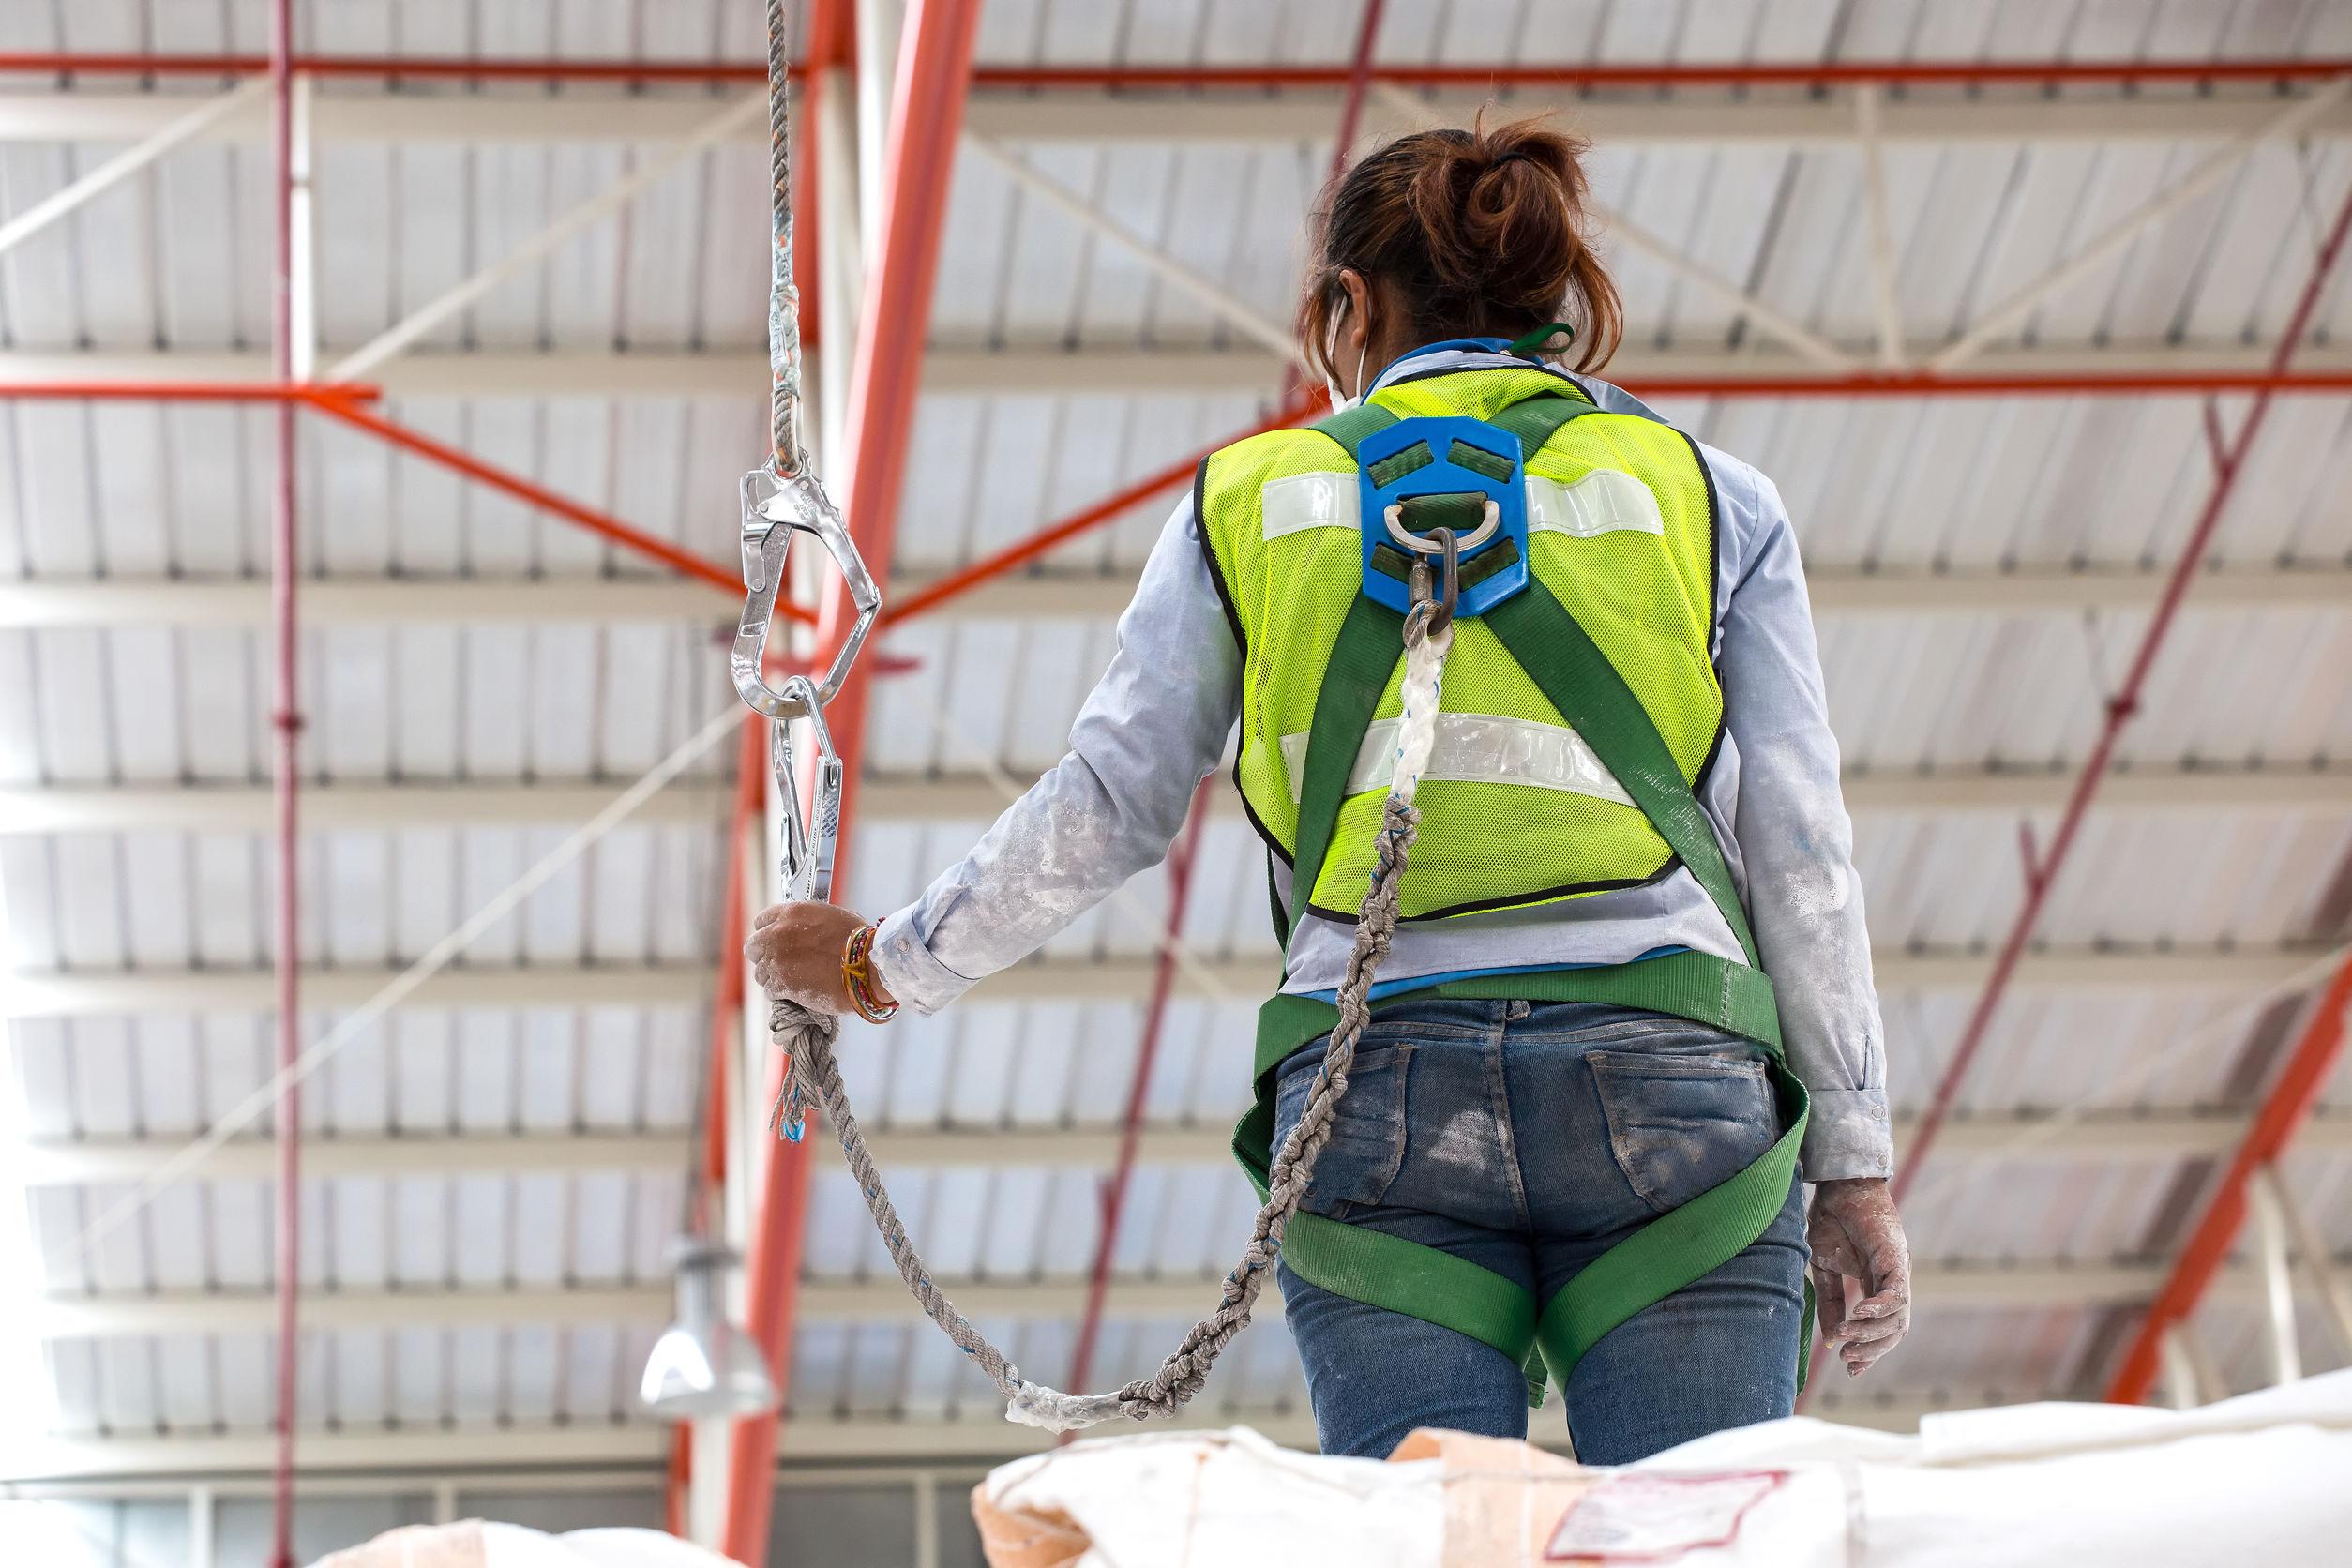 Talabarte: Conheça o melhor equipamento de proteção em 2020